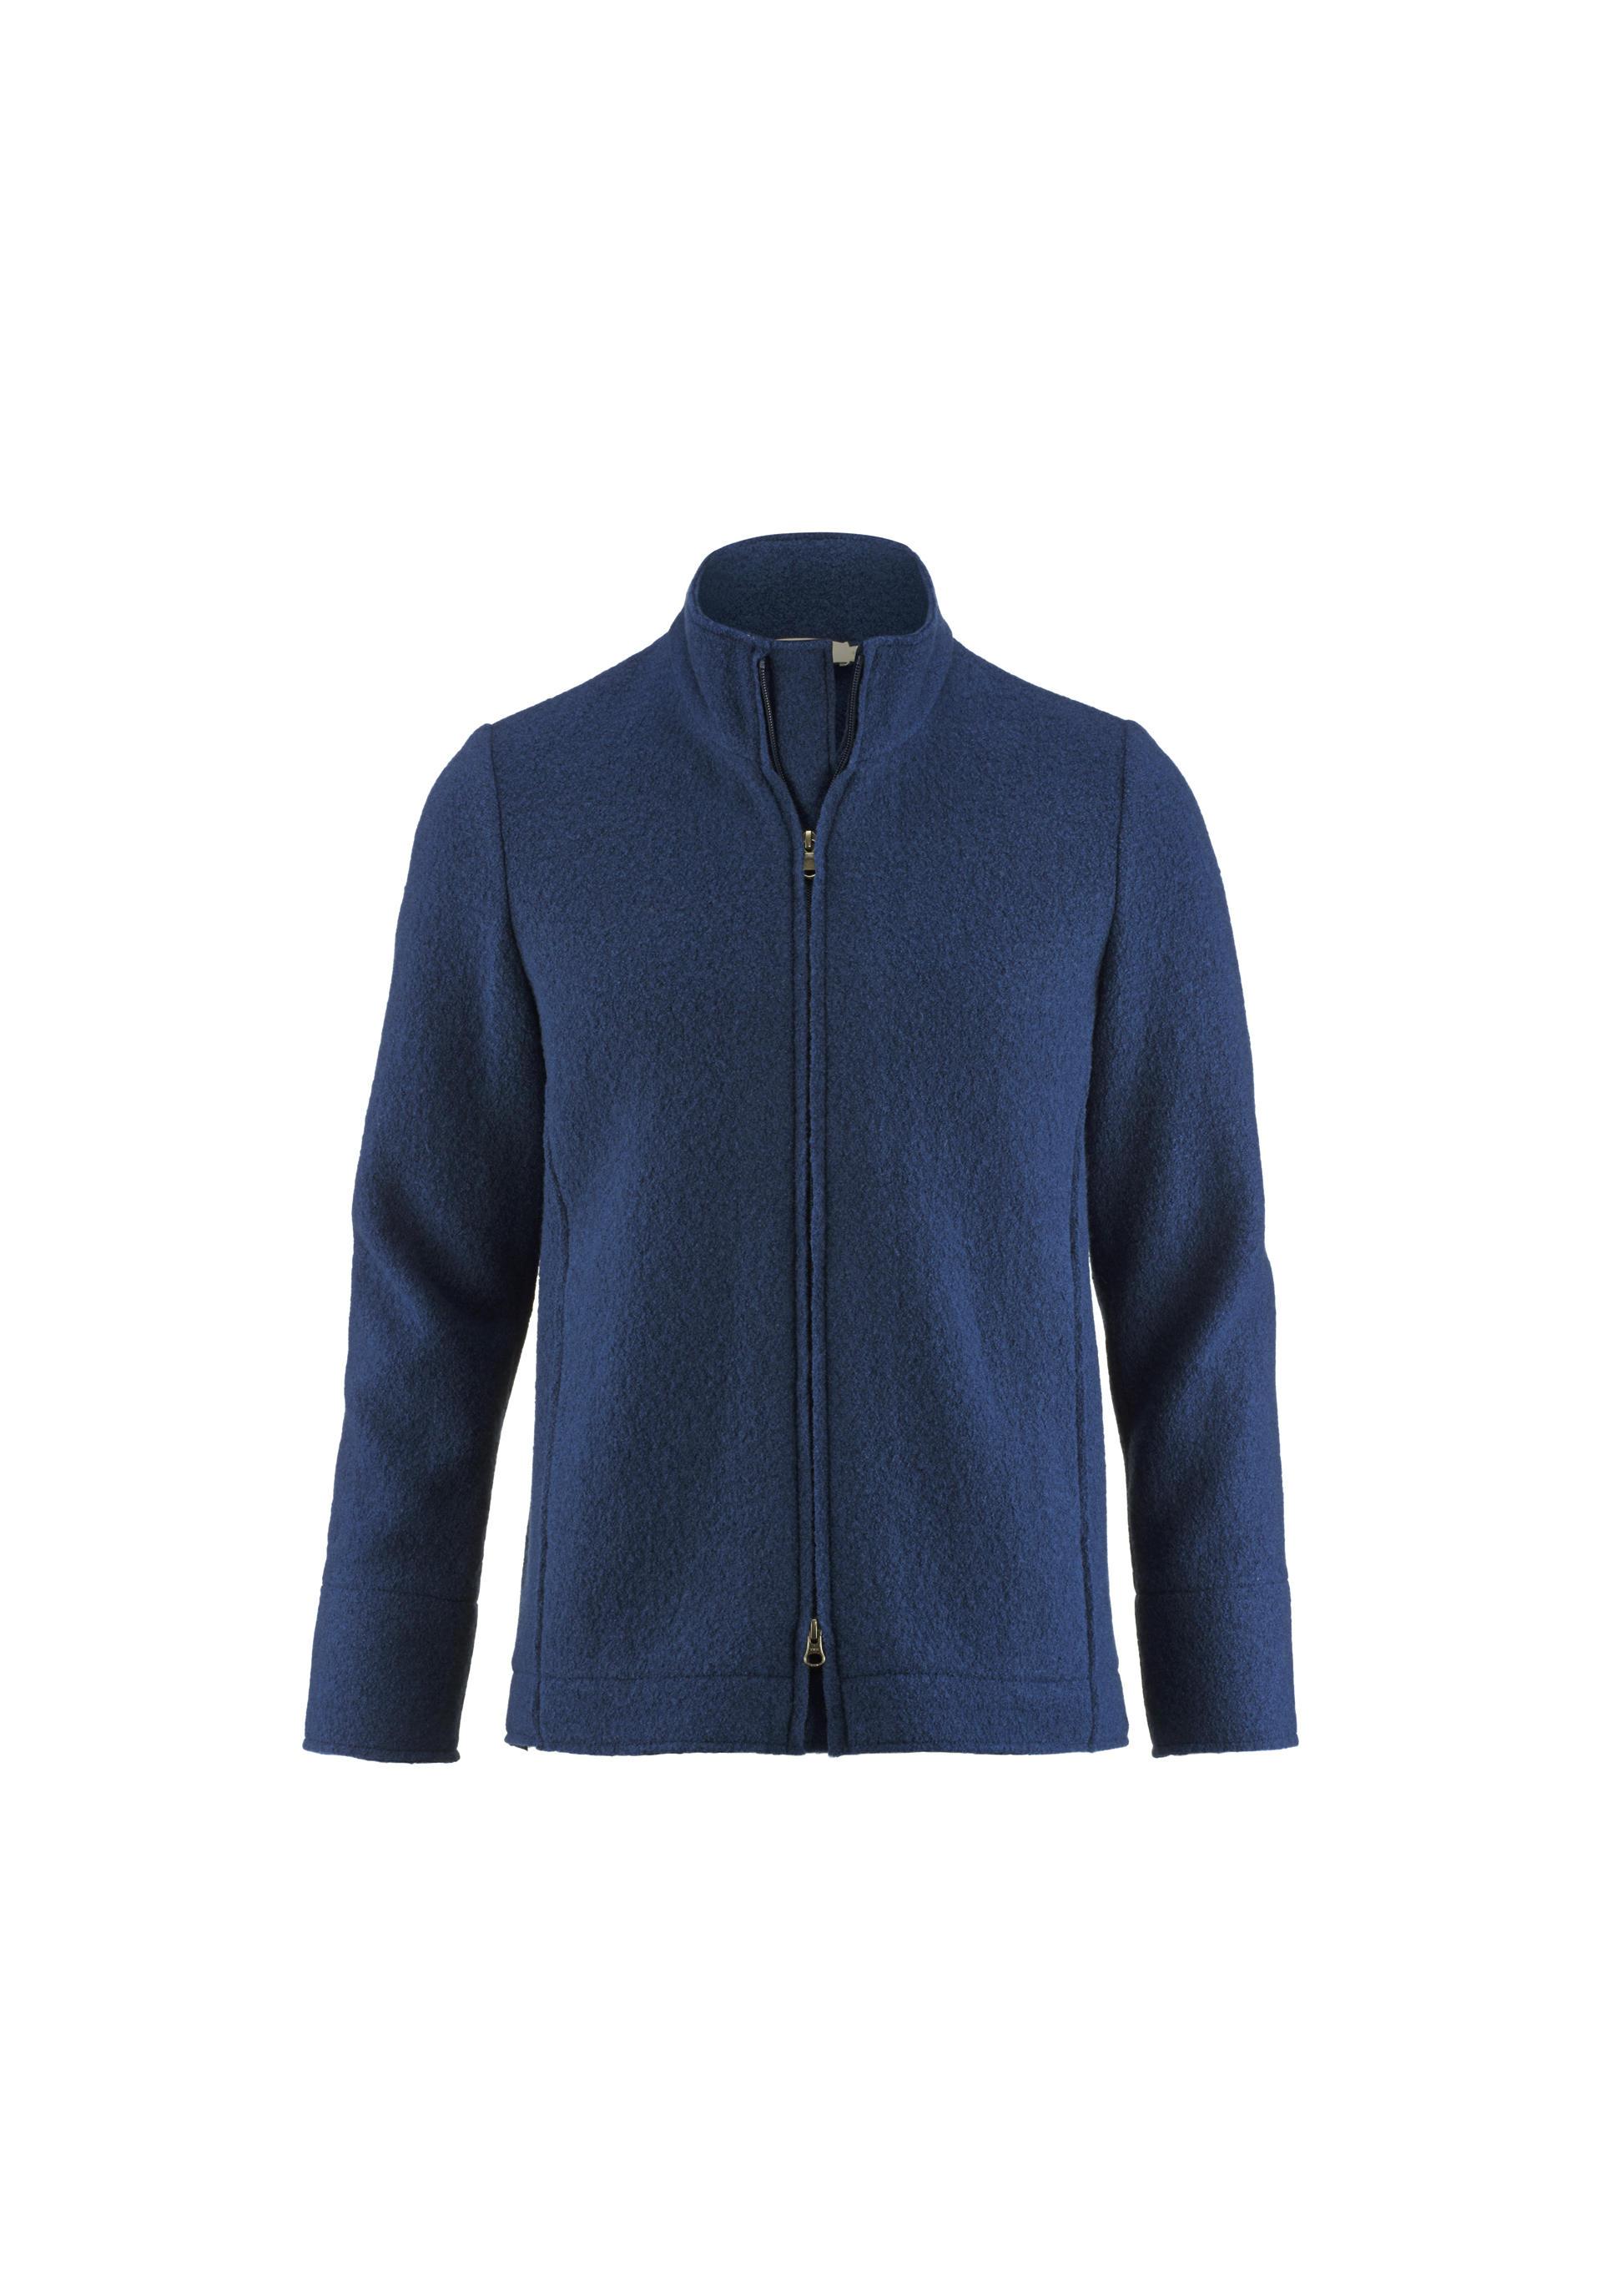 am besten bewertet neuesten Auschecken gut kaufen Herren Walk-Jacke aus reiner Schurwolle von hessnatur